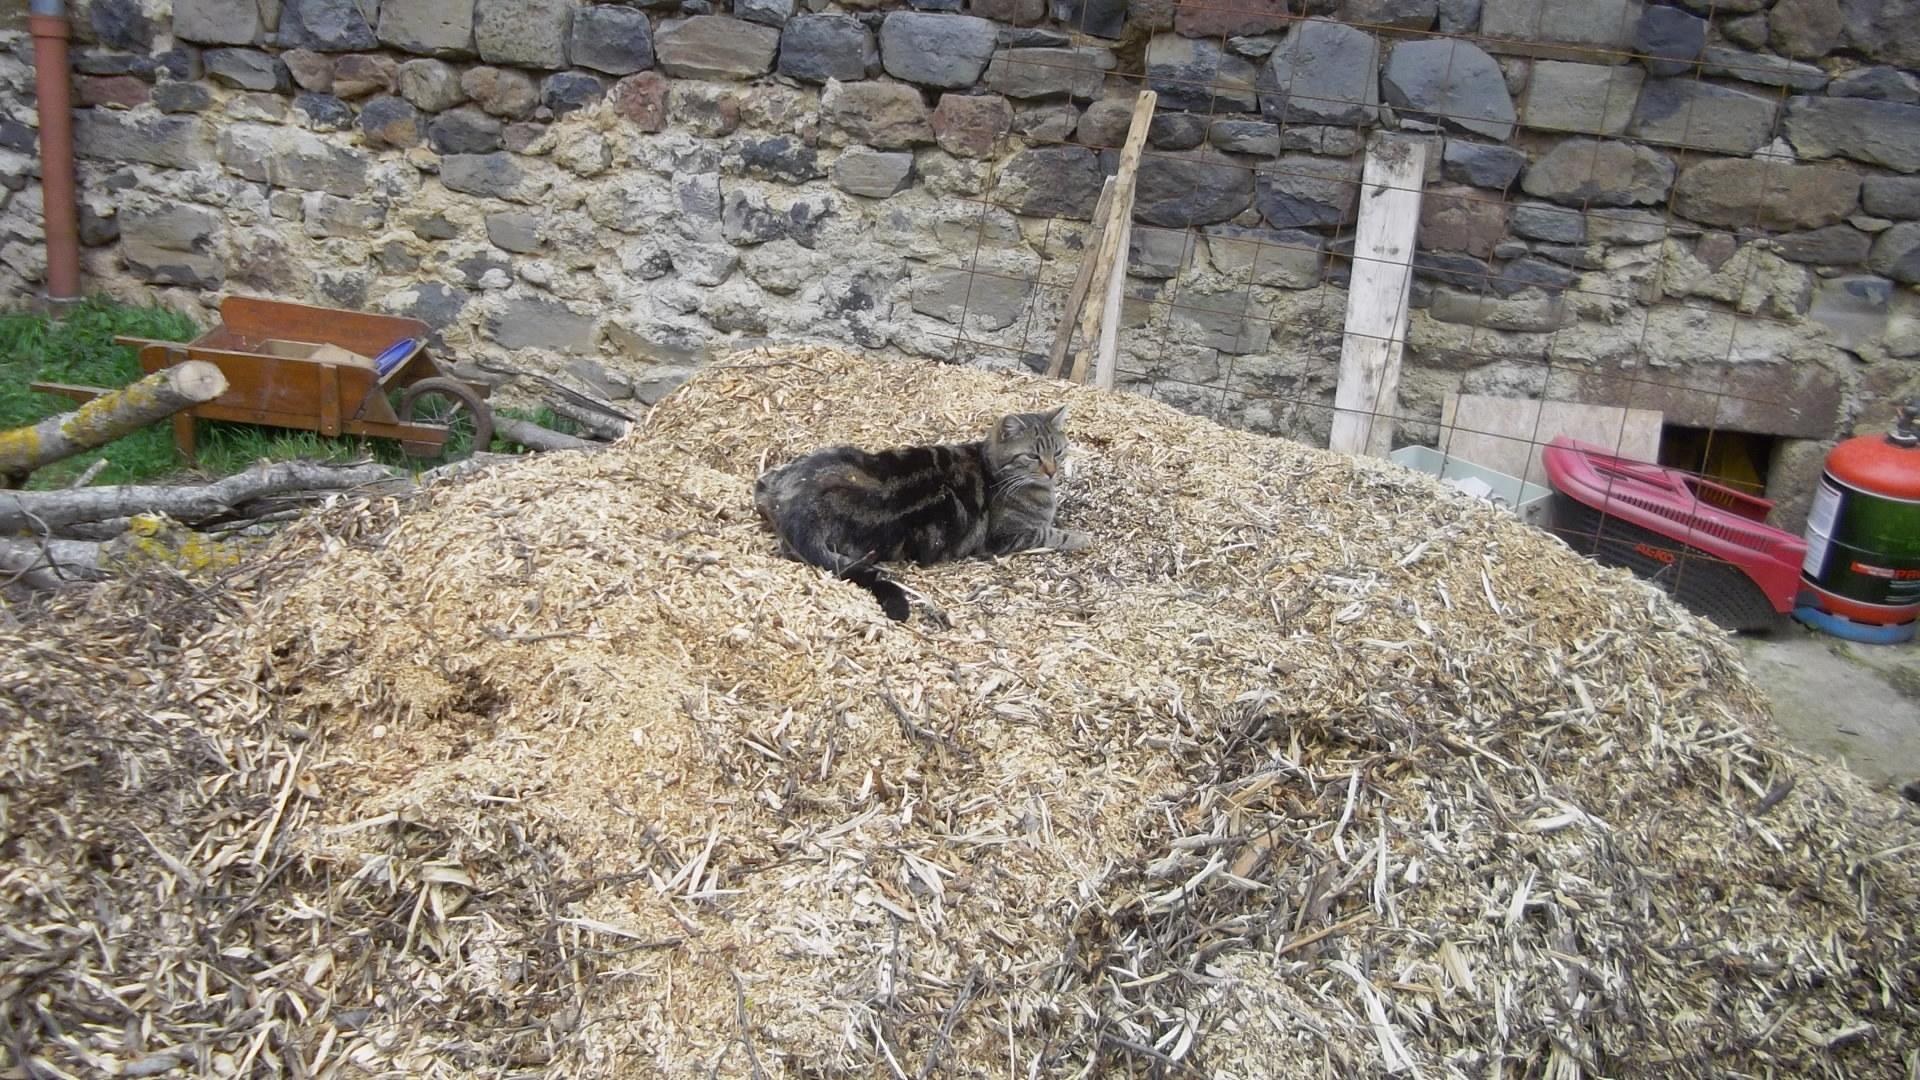 Notre chatte Minette sur le BRF